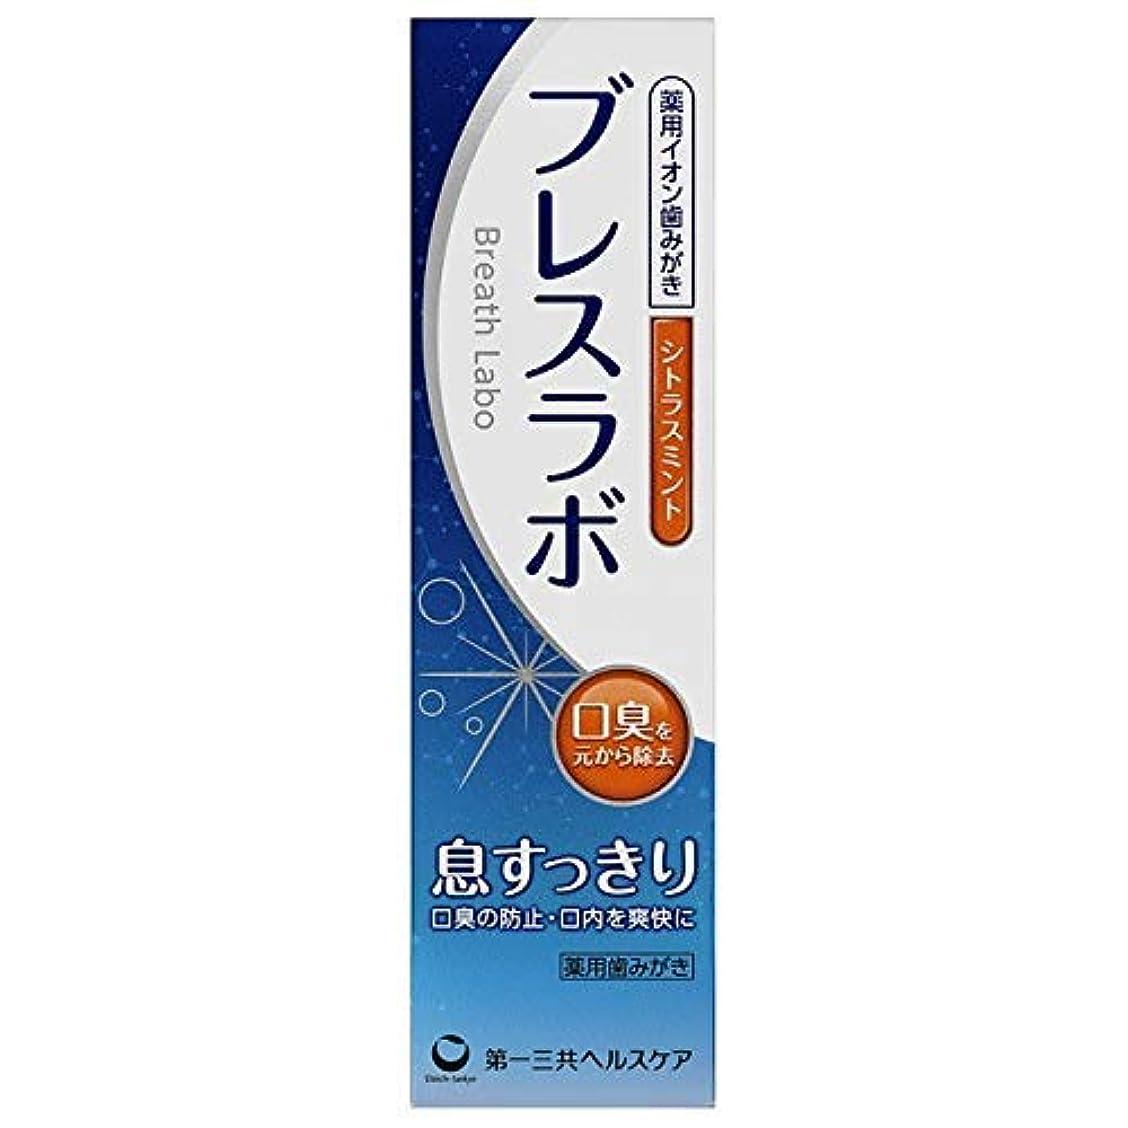 艦隊クレジット組【5個セット】ブレスラボ シトラスミント 90g